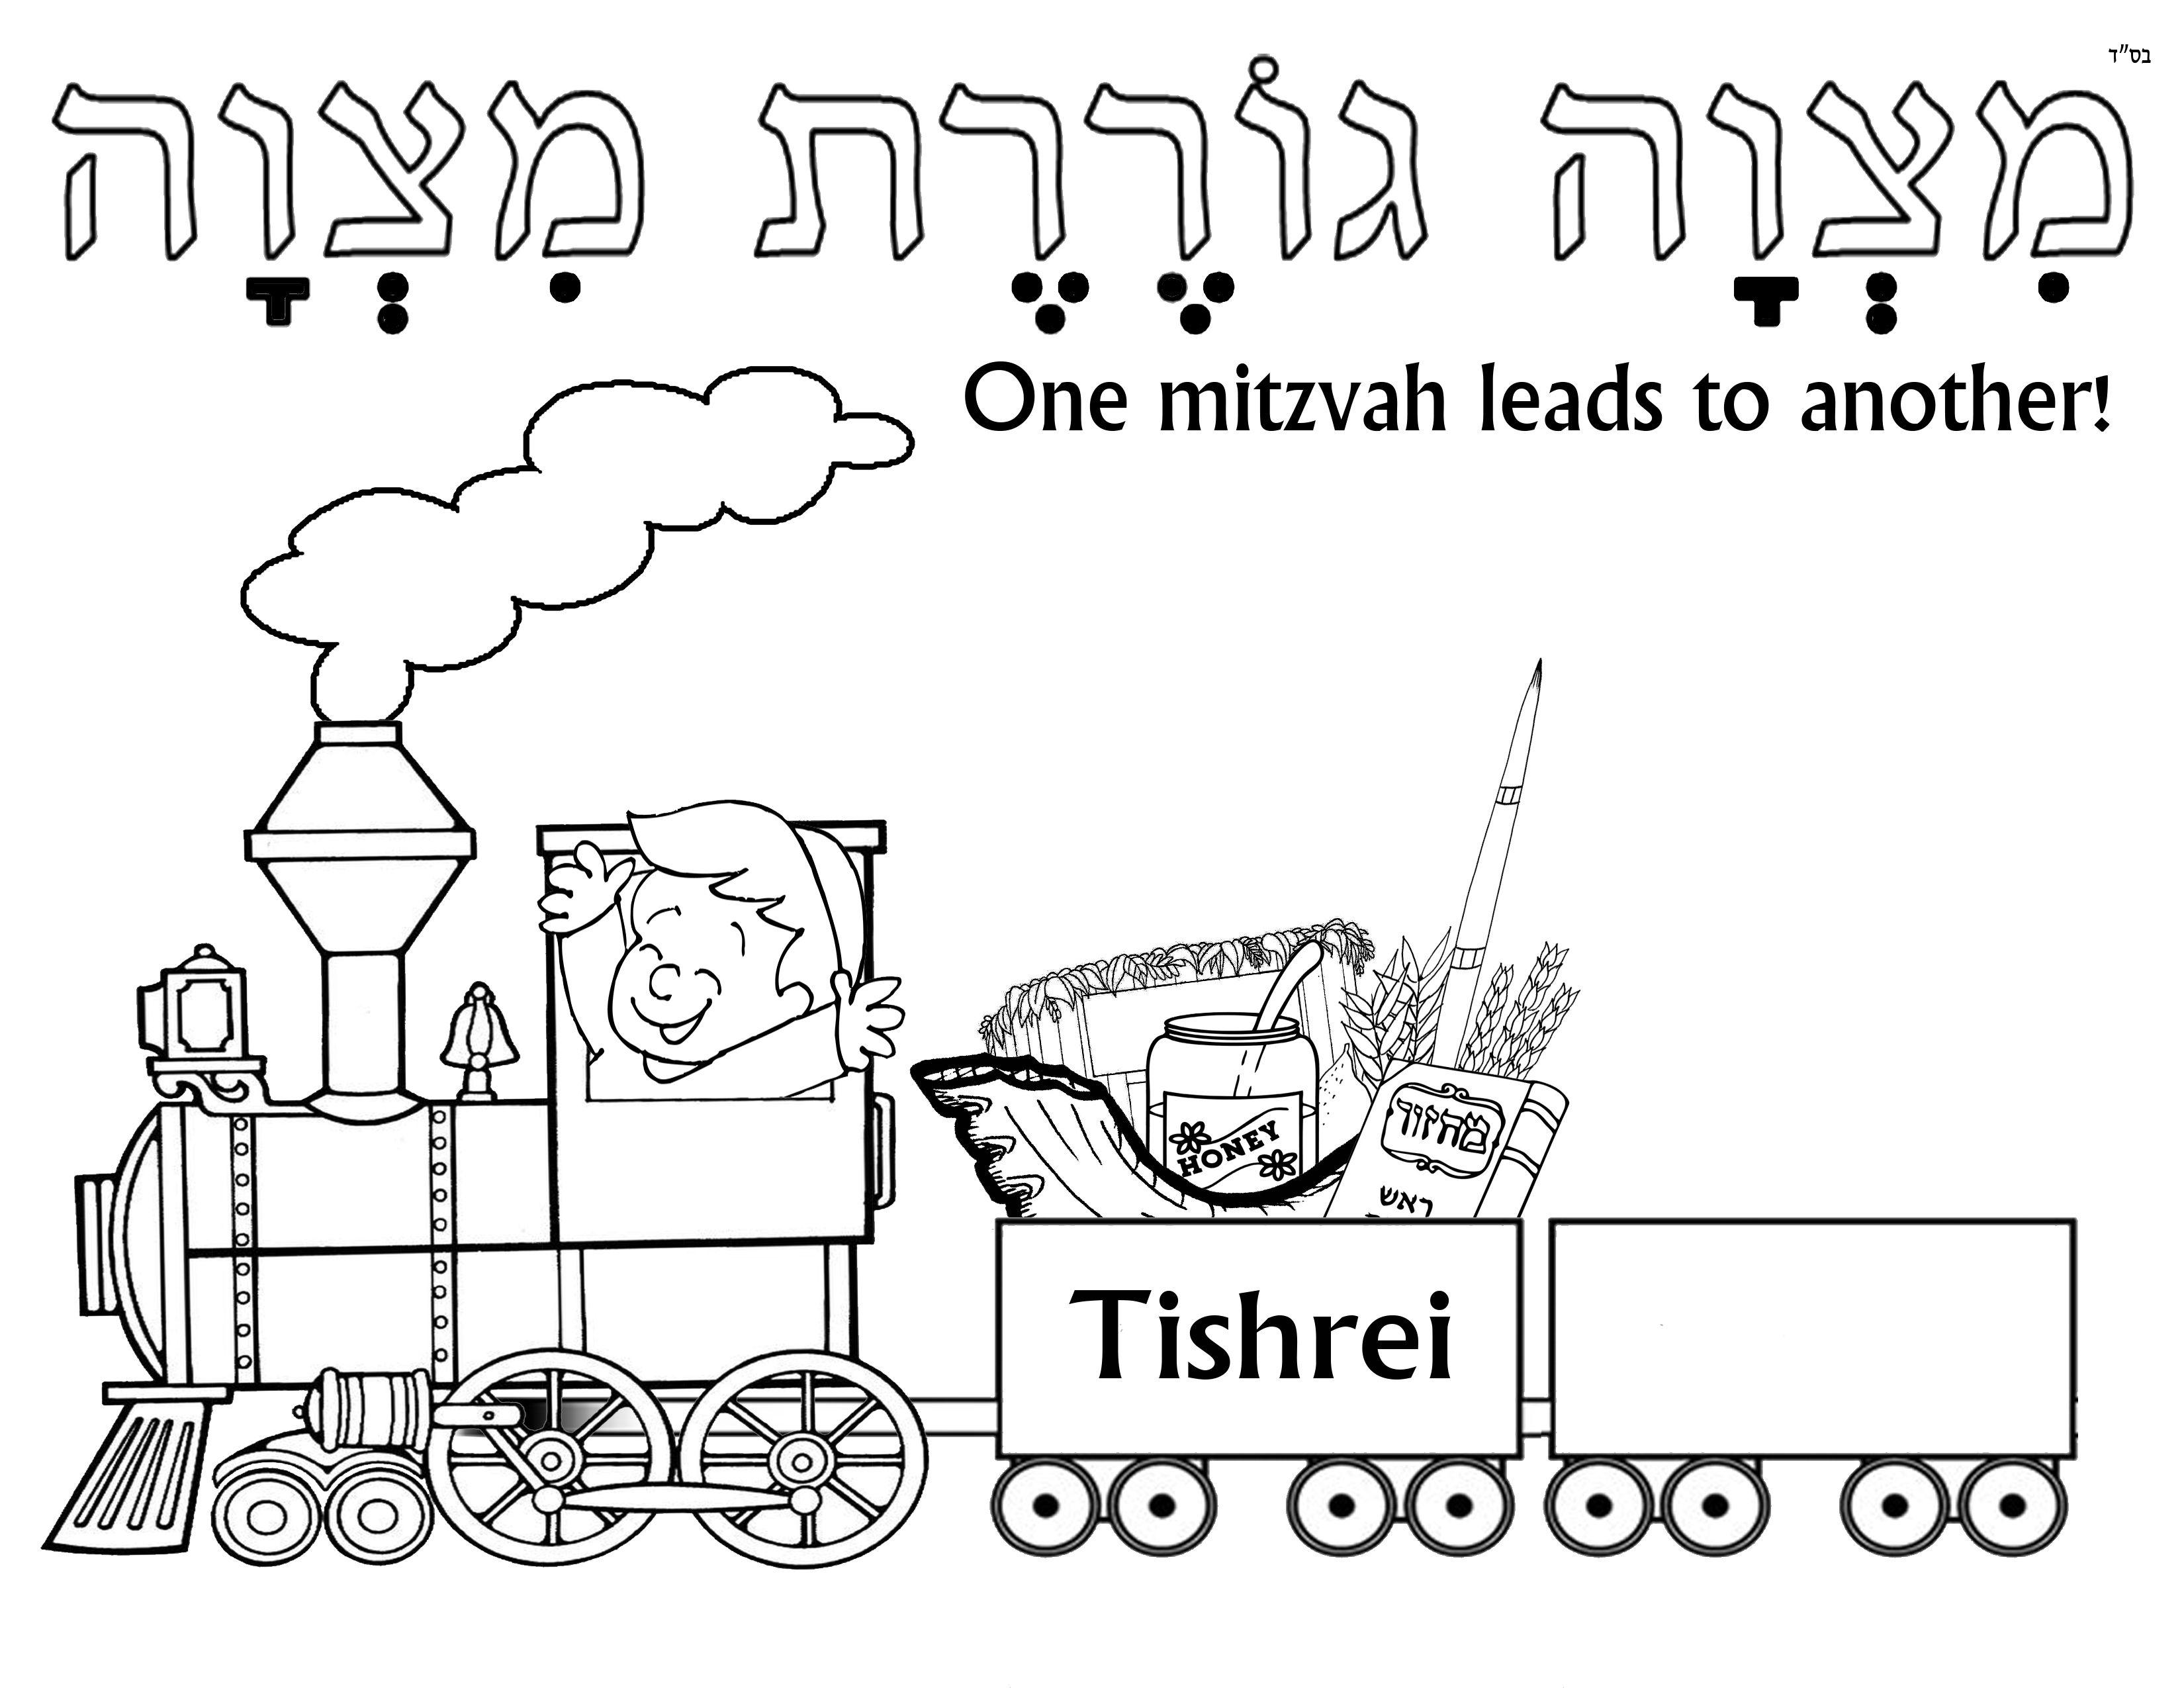 Mizvah Goreres Mitzvah Coloring Page